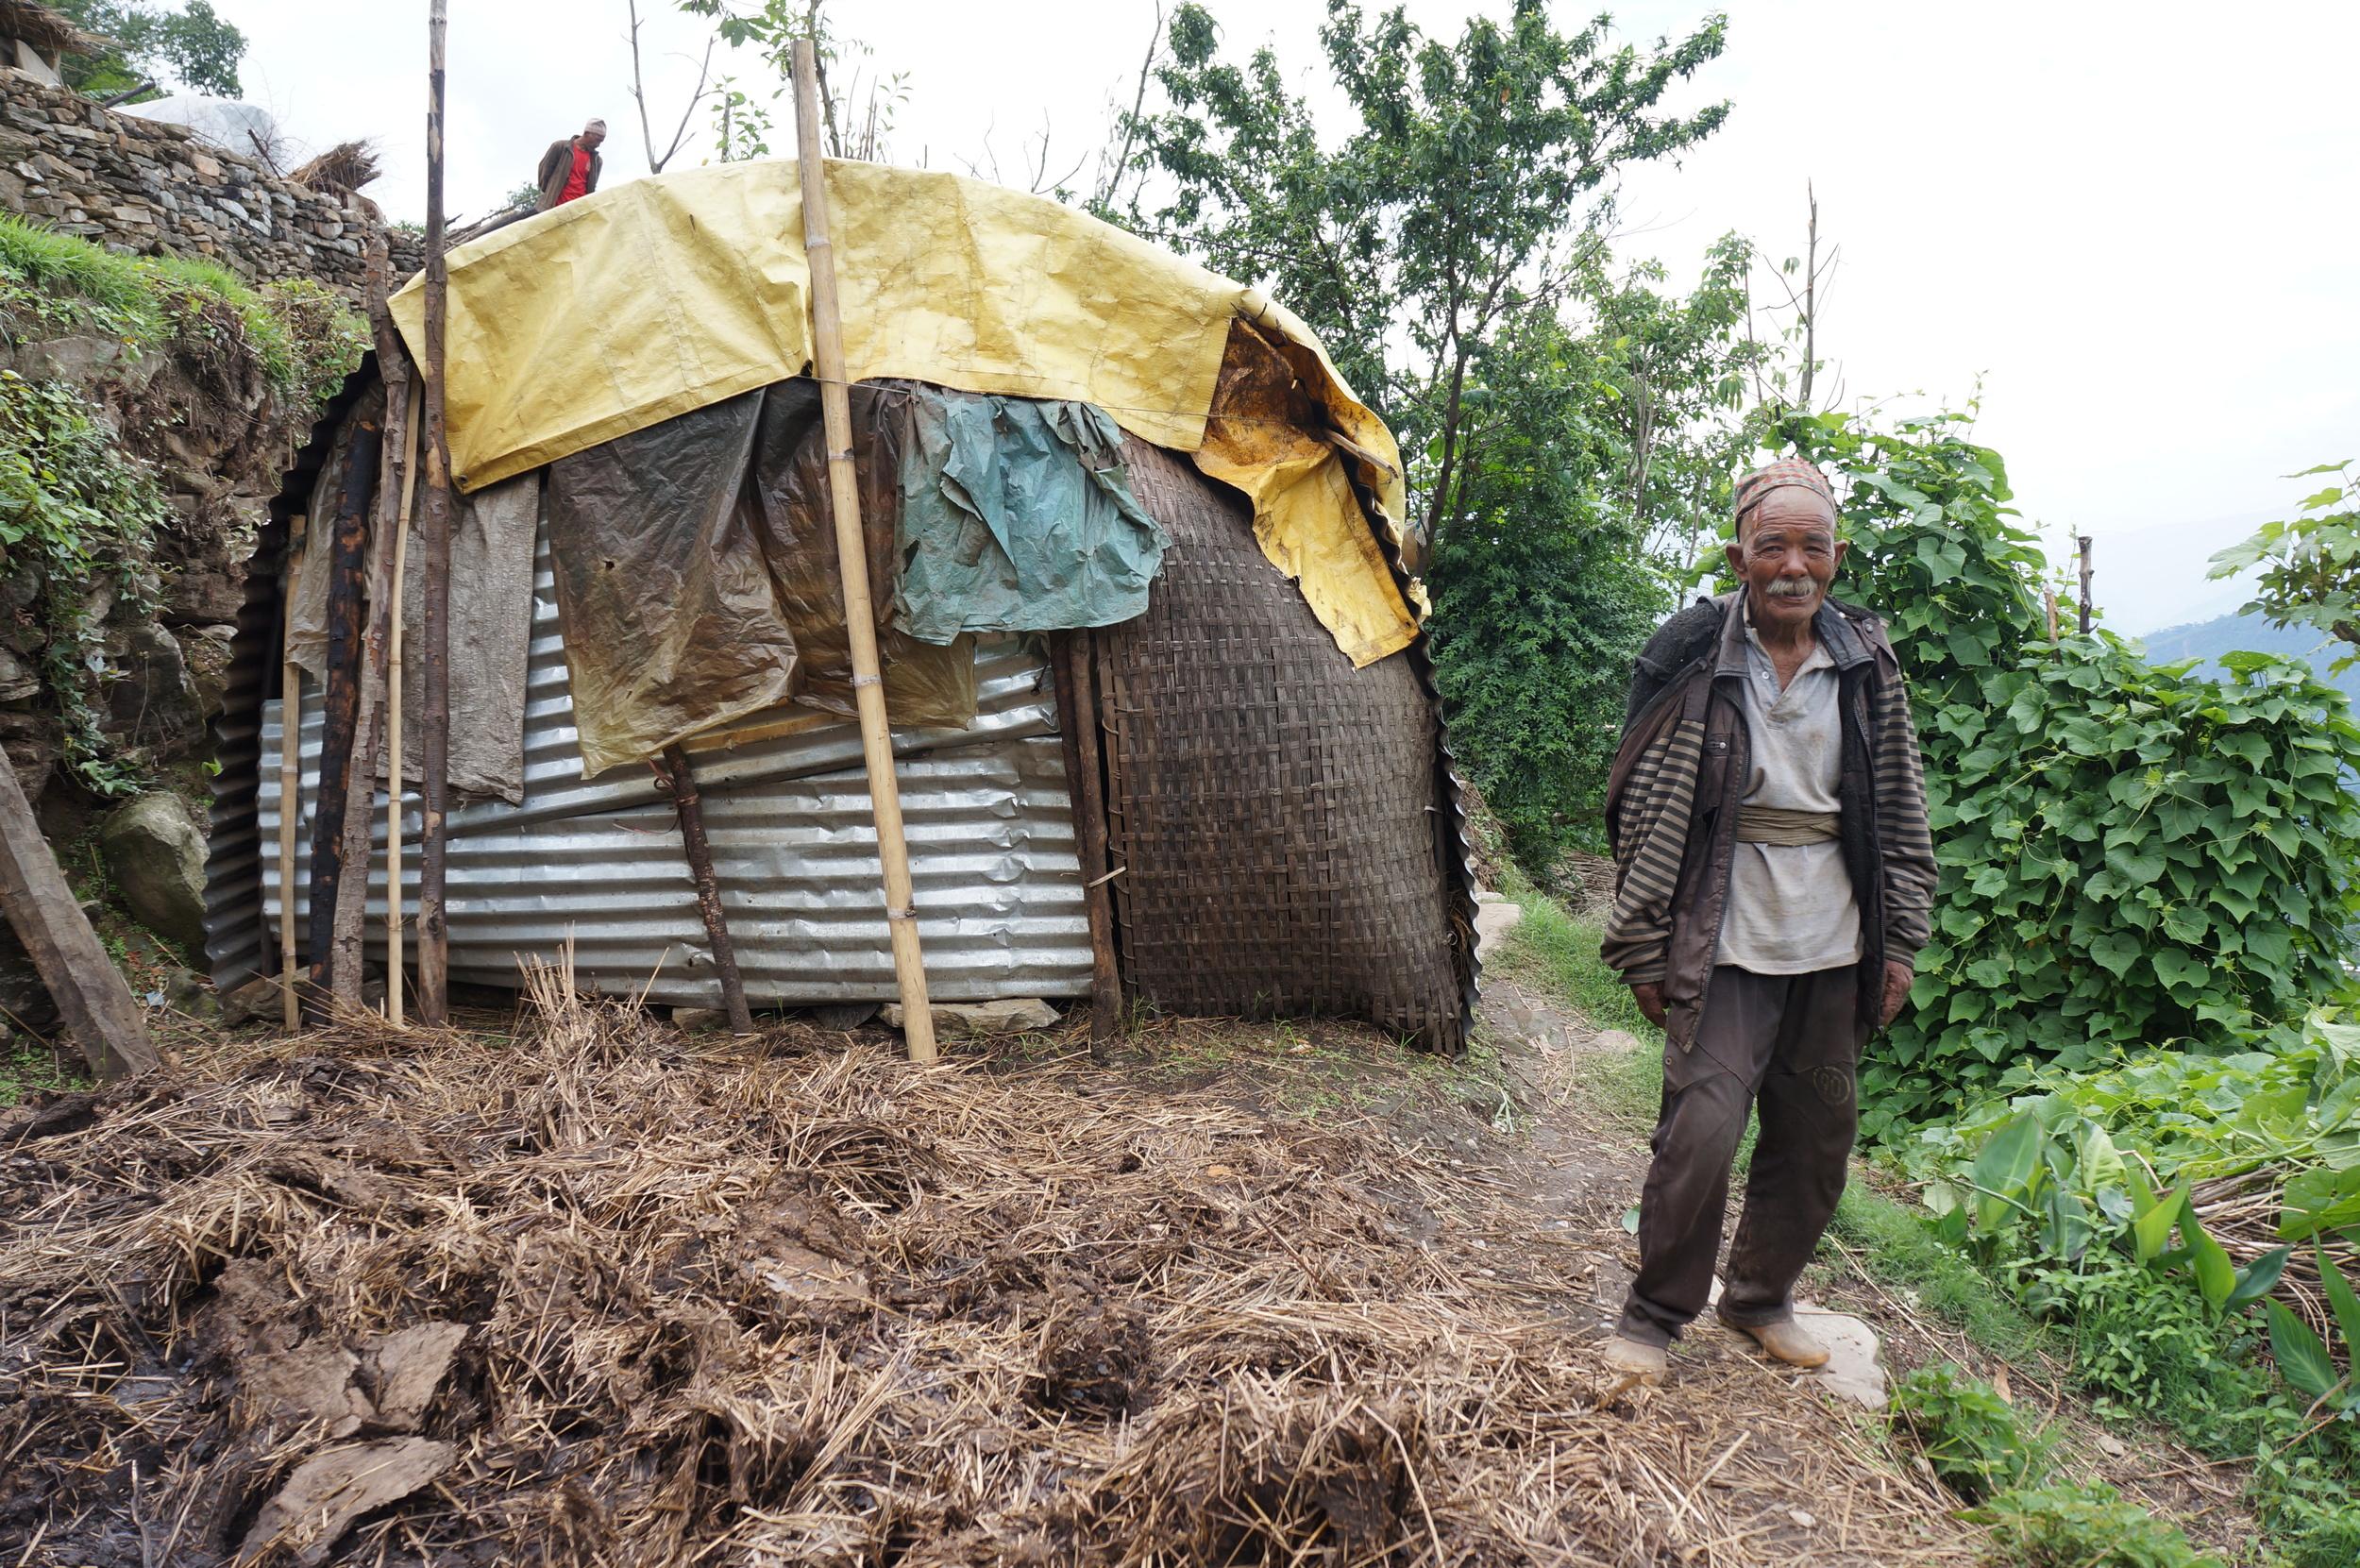 Photo: DiCarlo 2016 |  Sundrawati, Dolakha District, Nepal